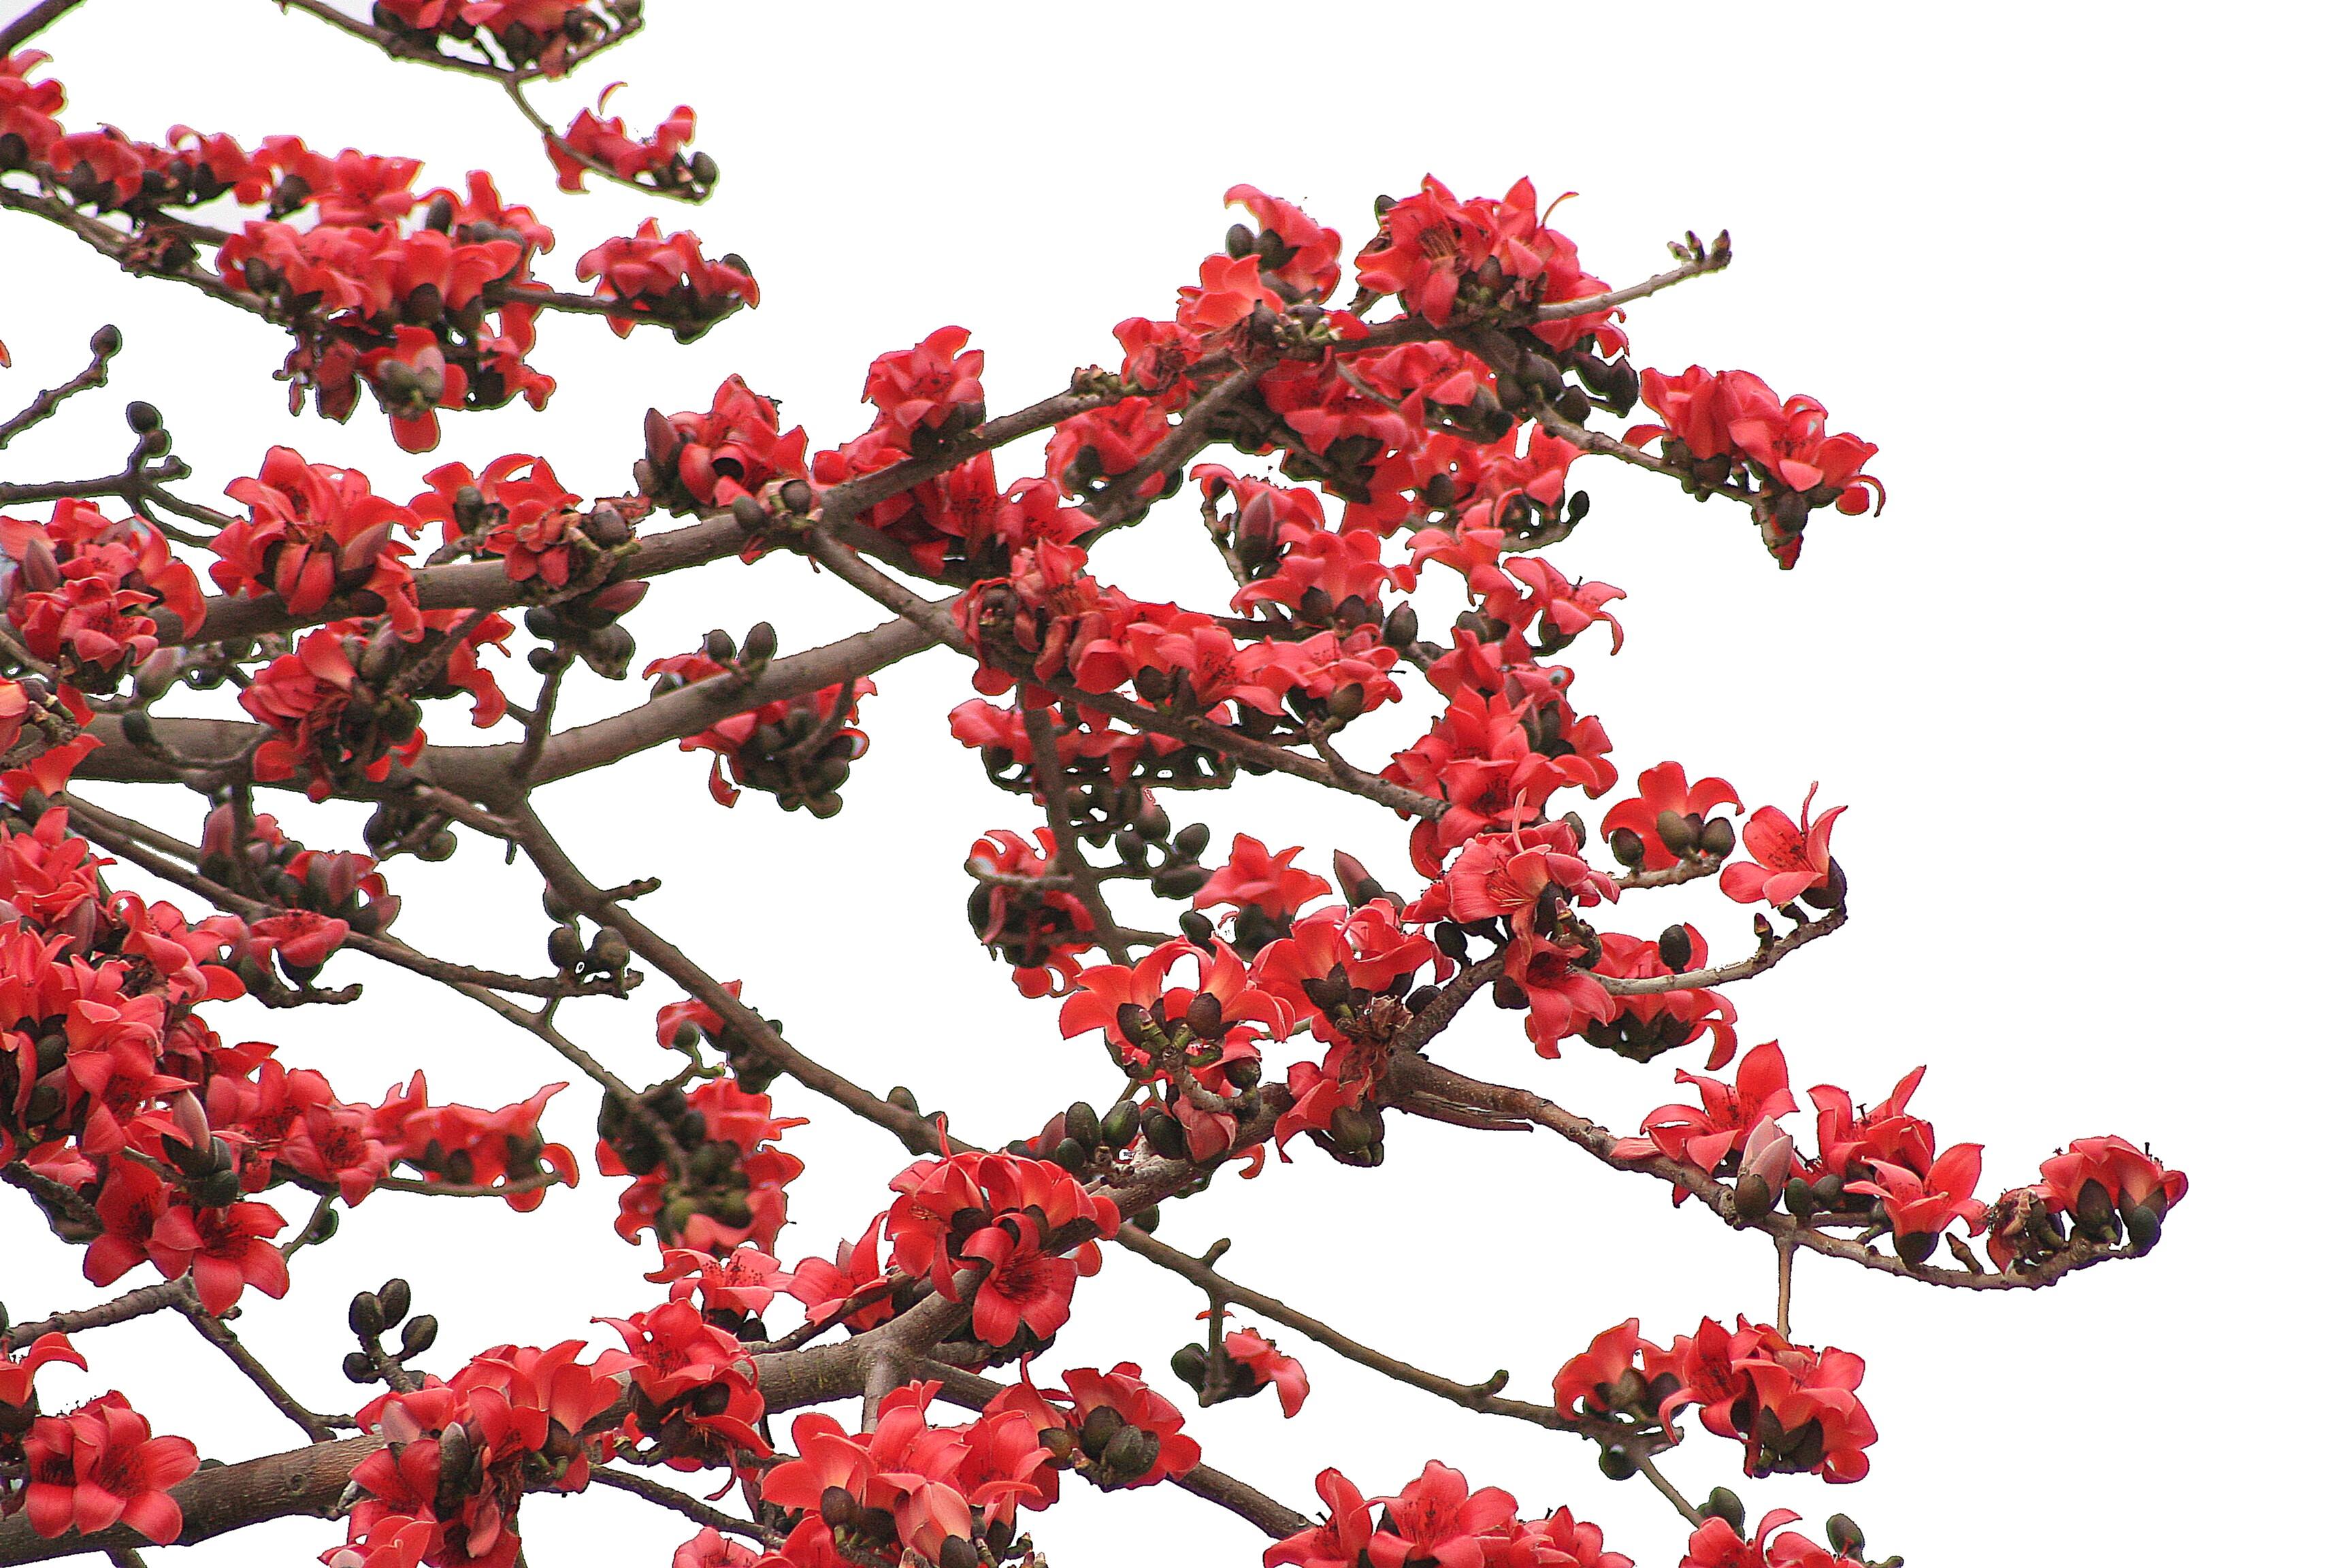 【木棉花攝影圖片】珠海生態攝影_caojianming_太平洋電腦網攝影部落